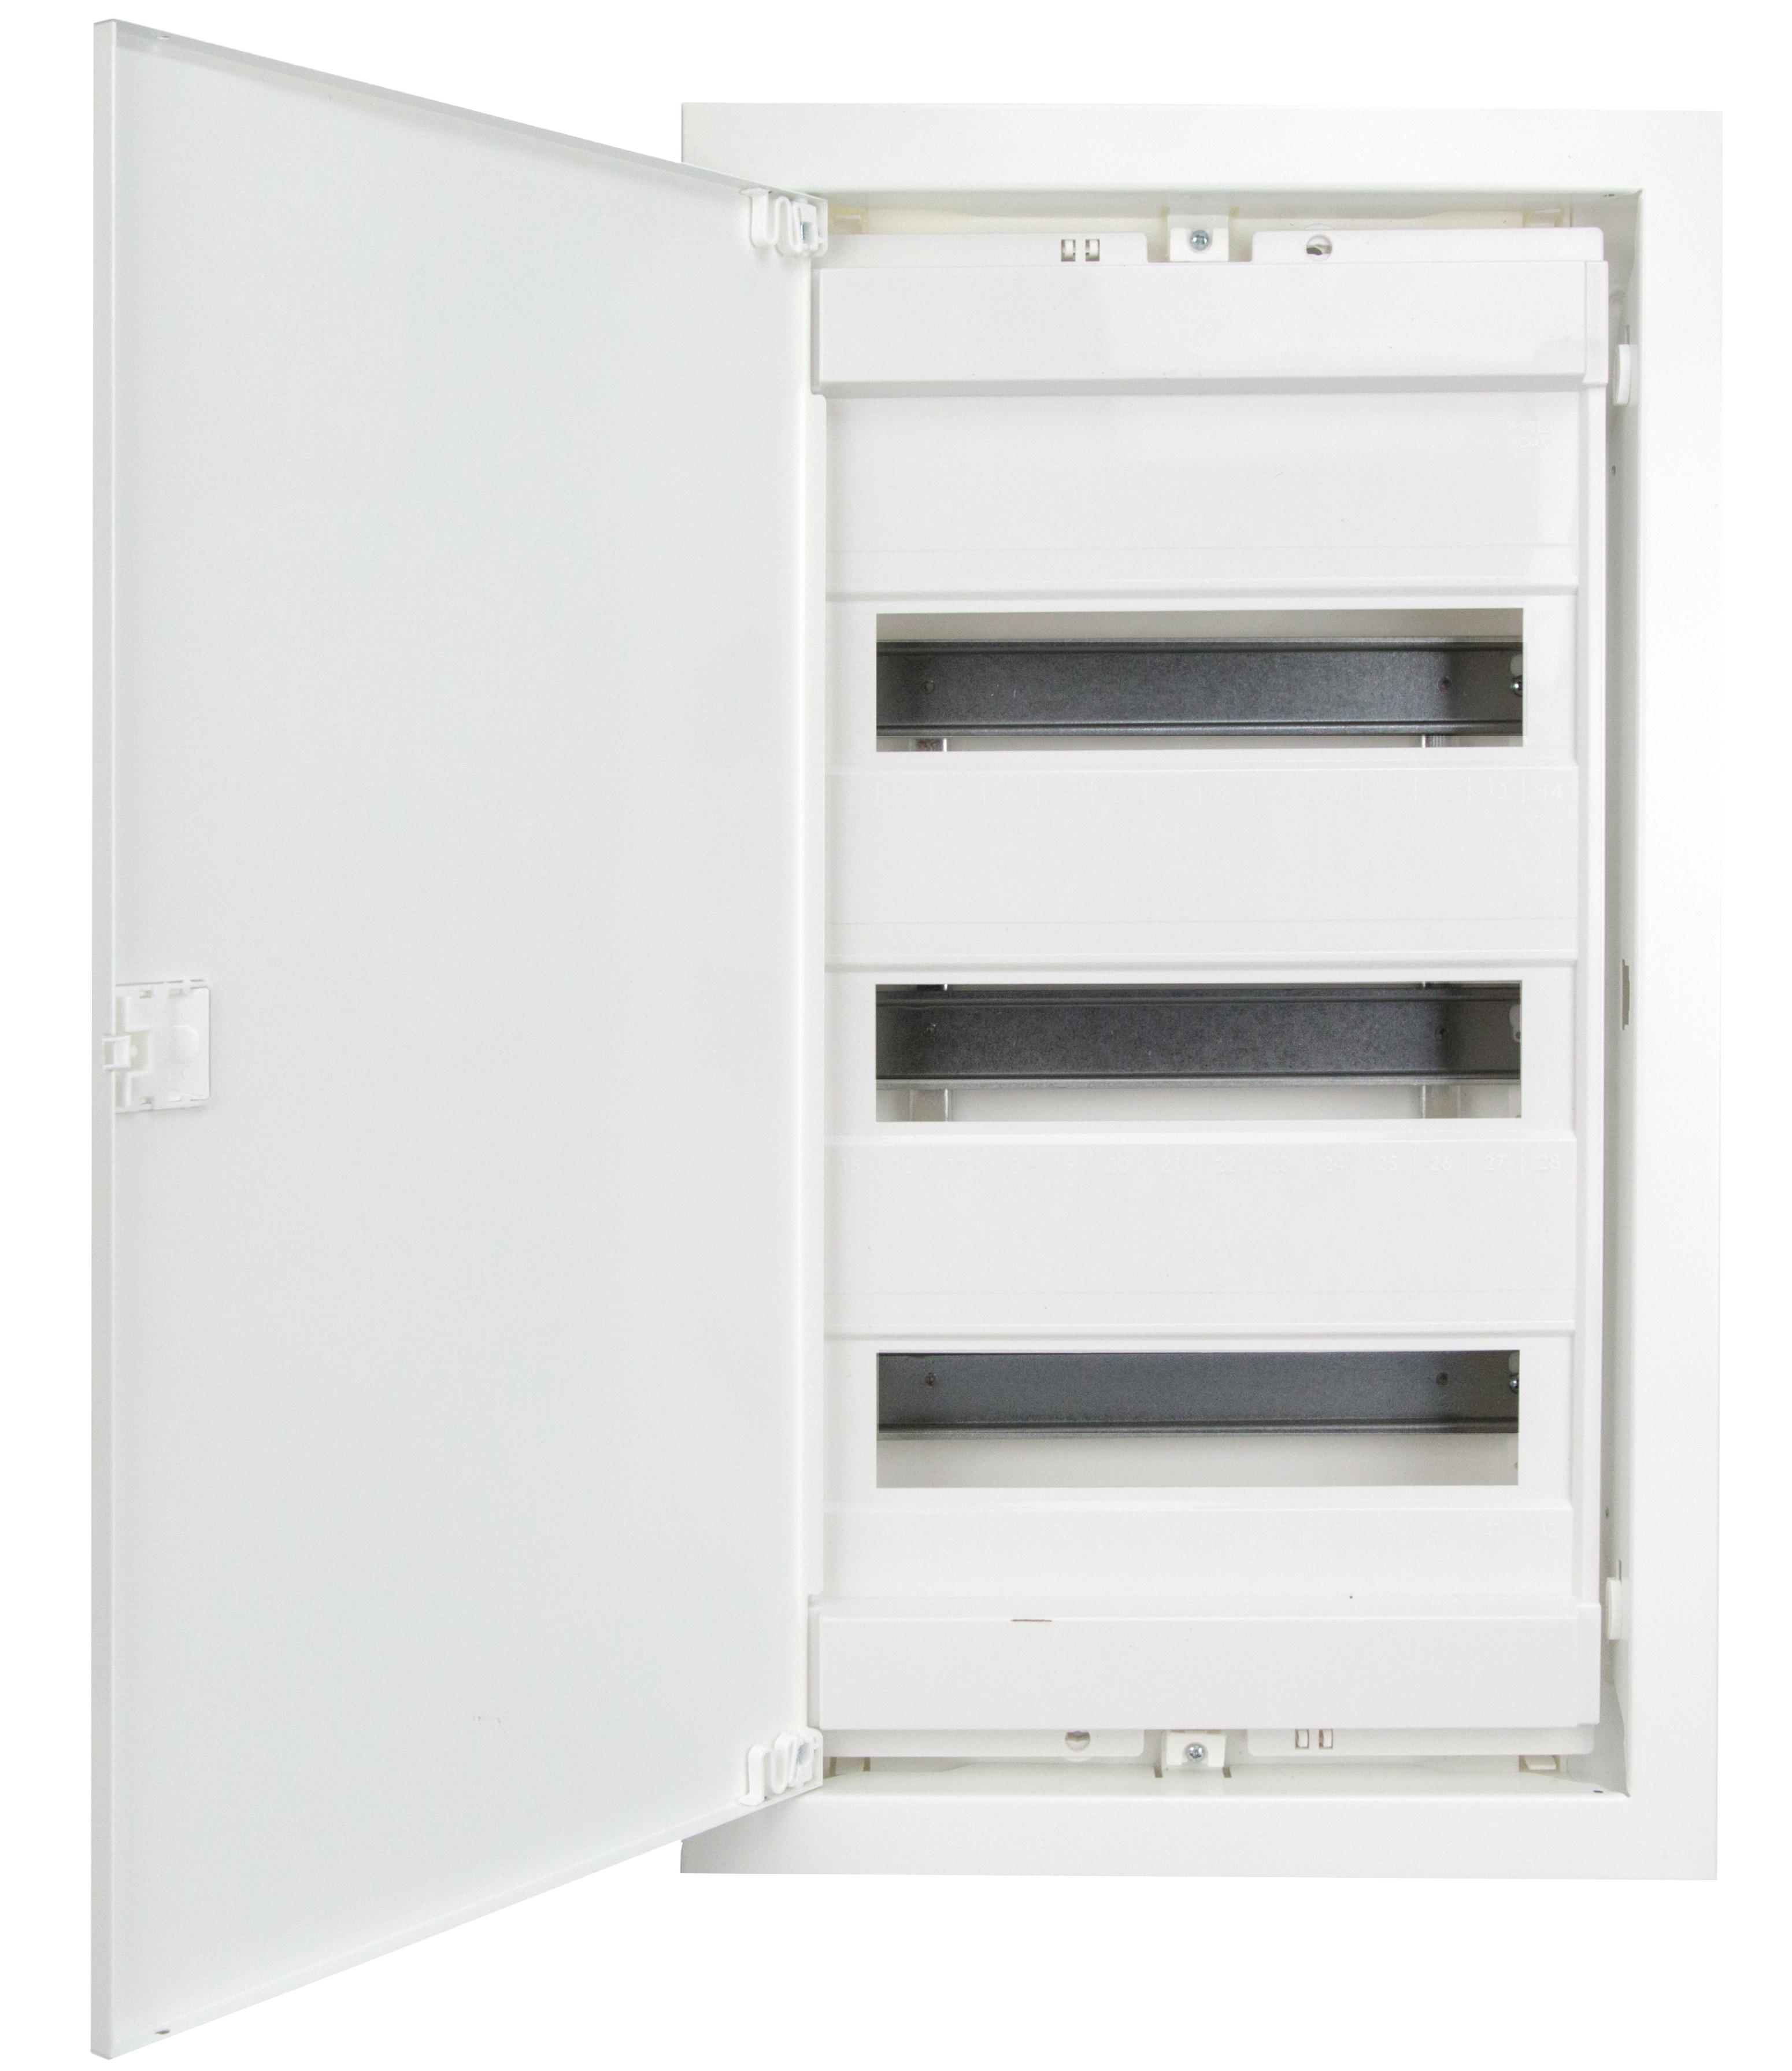 1 Stk UP-Wohnungsverteiler weiss, 3-reihig für Hohlwand BK0850532-